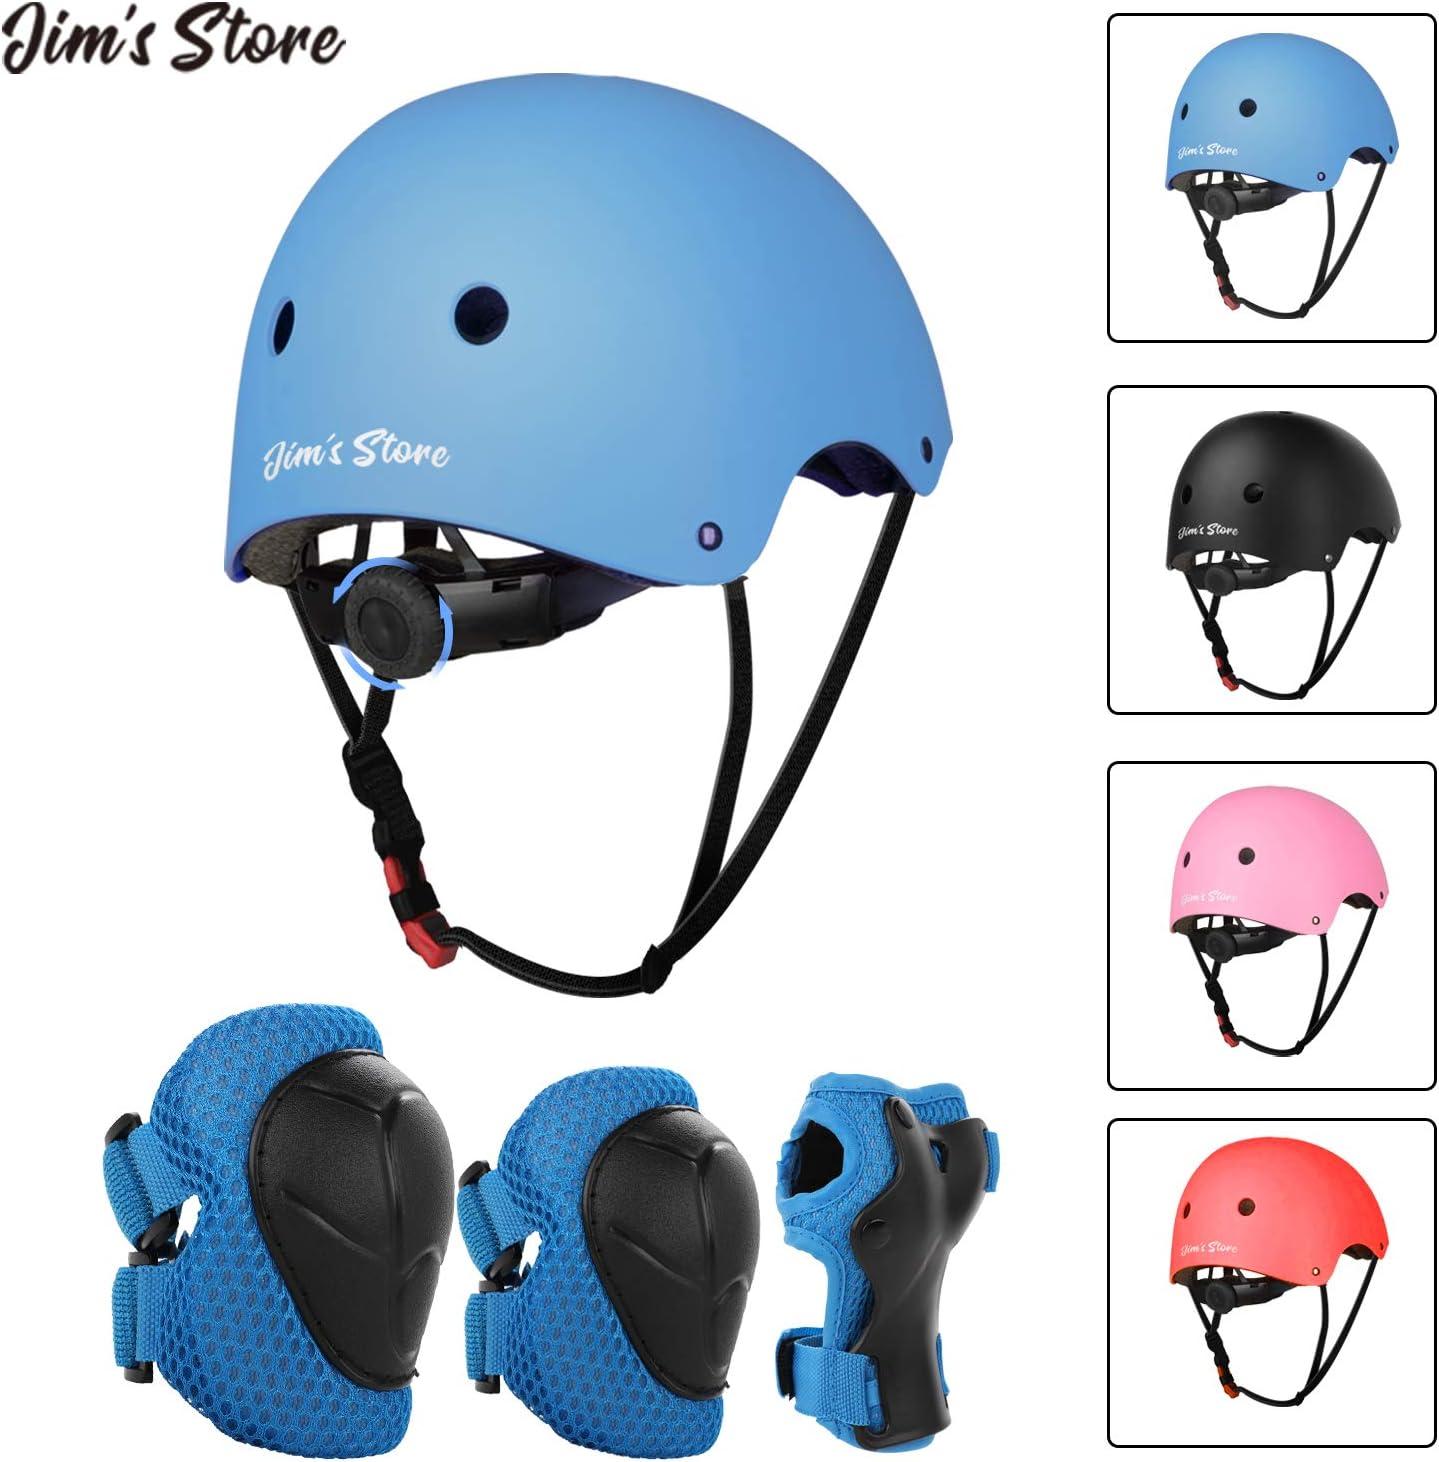 JIM'S STORE Casco y Protecciones Ajustable Infantiles Rodilleras Coderas,Set di Casco 7 Piezas/Set para Scooter Ciclismo Rodillo Patinaje